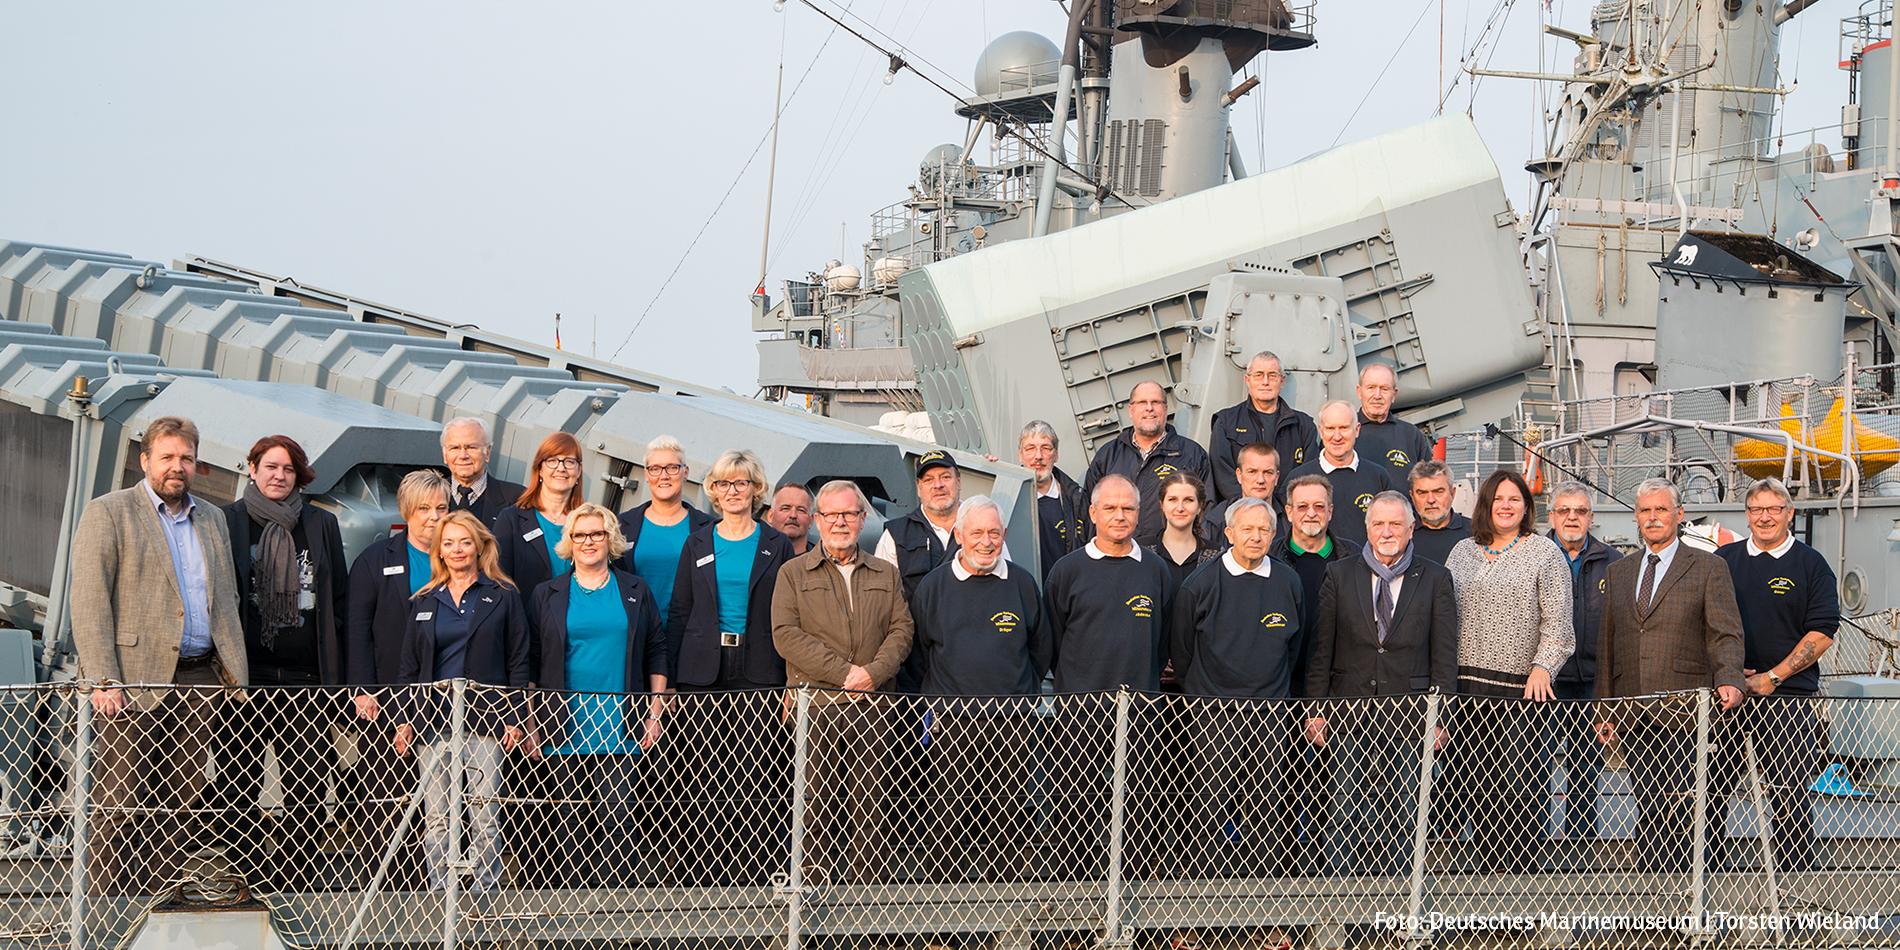 Mitarbeiter des DMM an Bord von S71 Gepard (Foto: Deutsches Marinemuseum, Torsten Wieland)